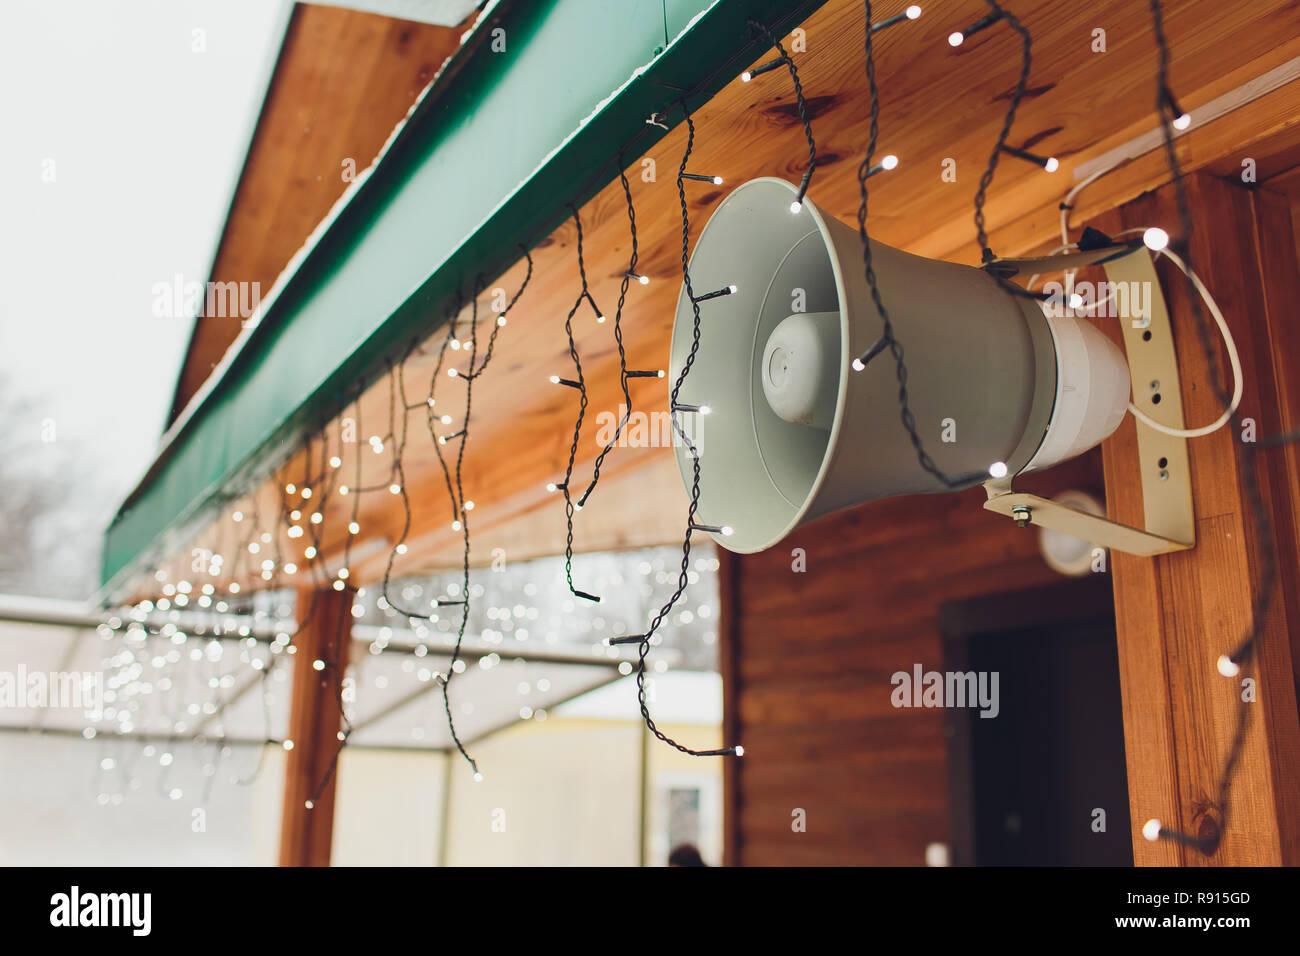 Sirena de alarma y altavoz en la pared de la ciudad. Imagen De Stock